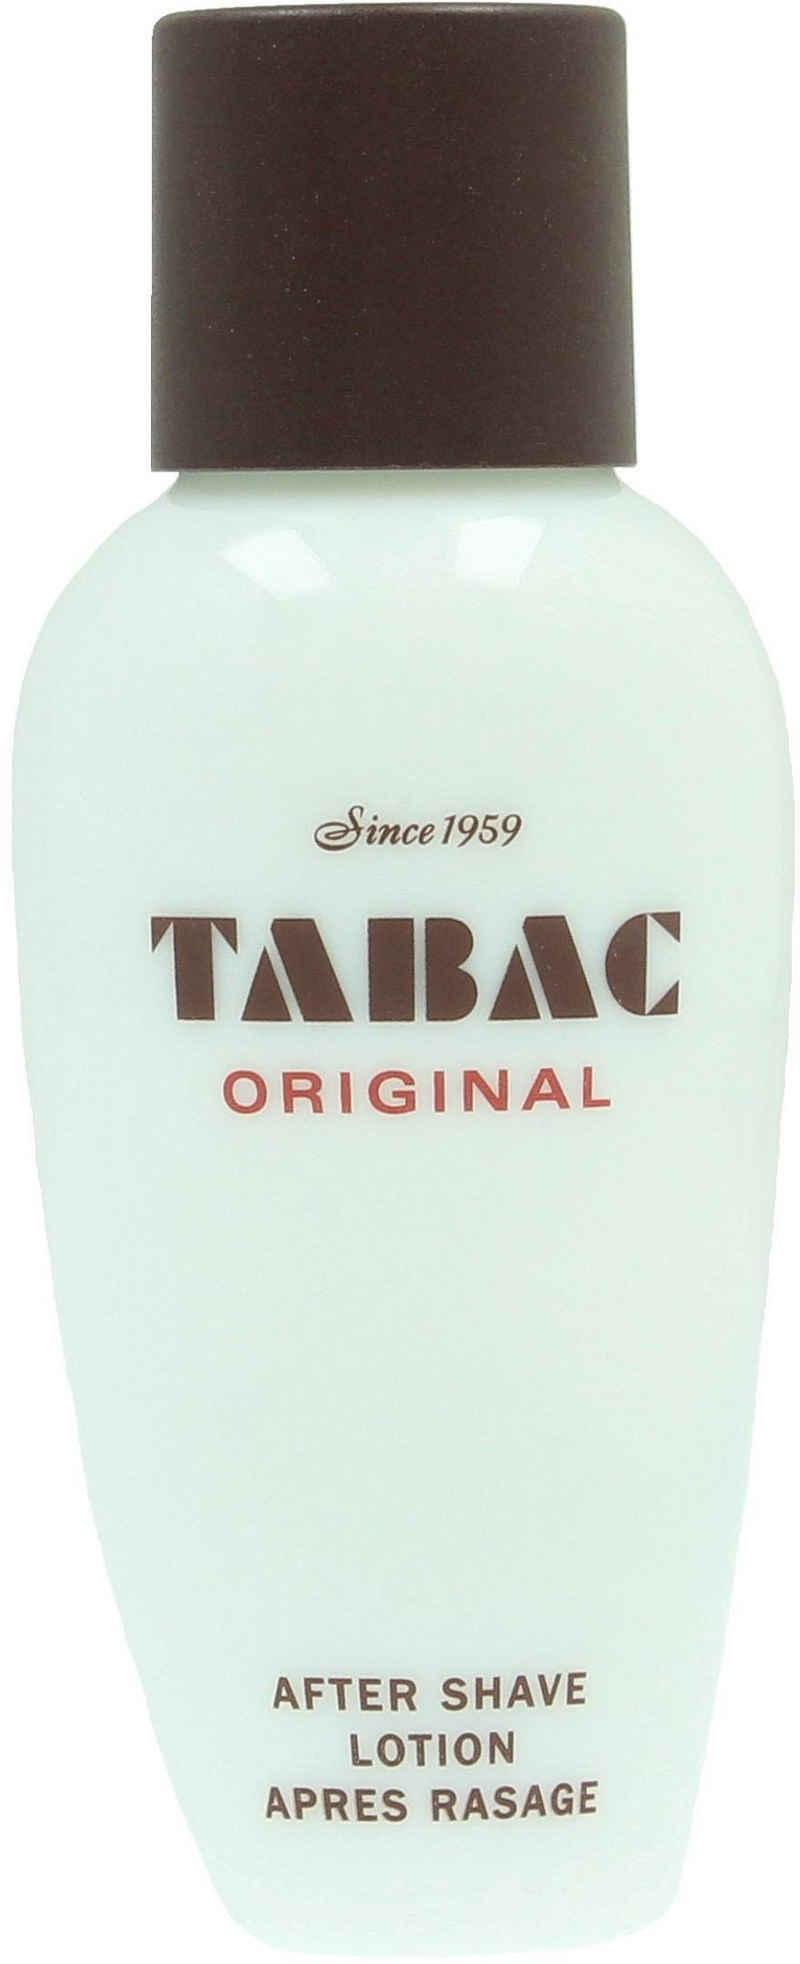 Tabac Original After-Shave